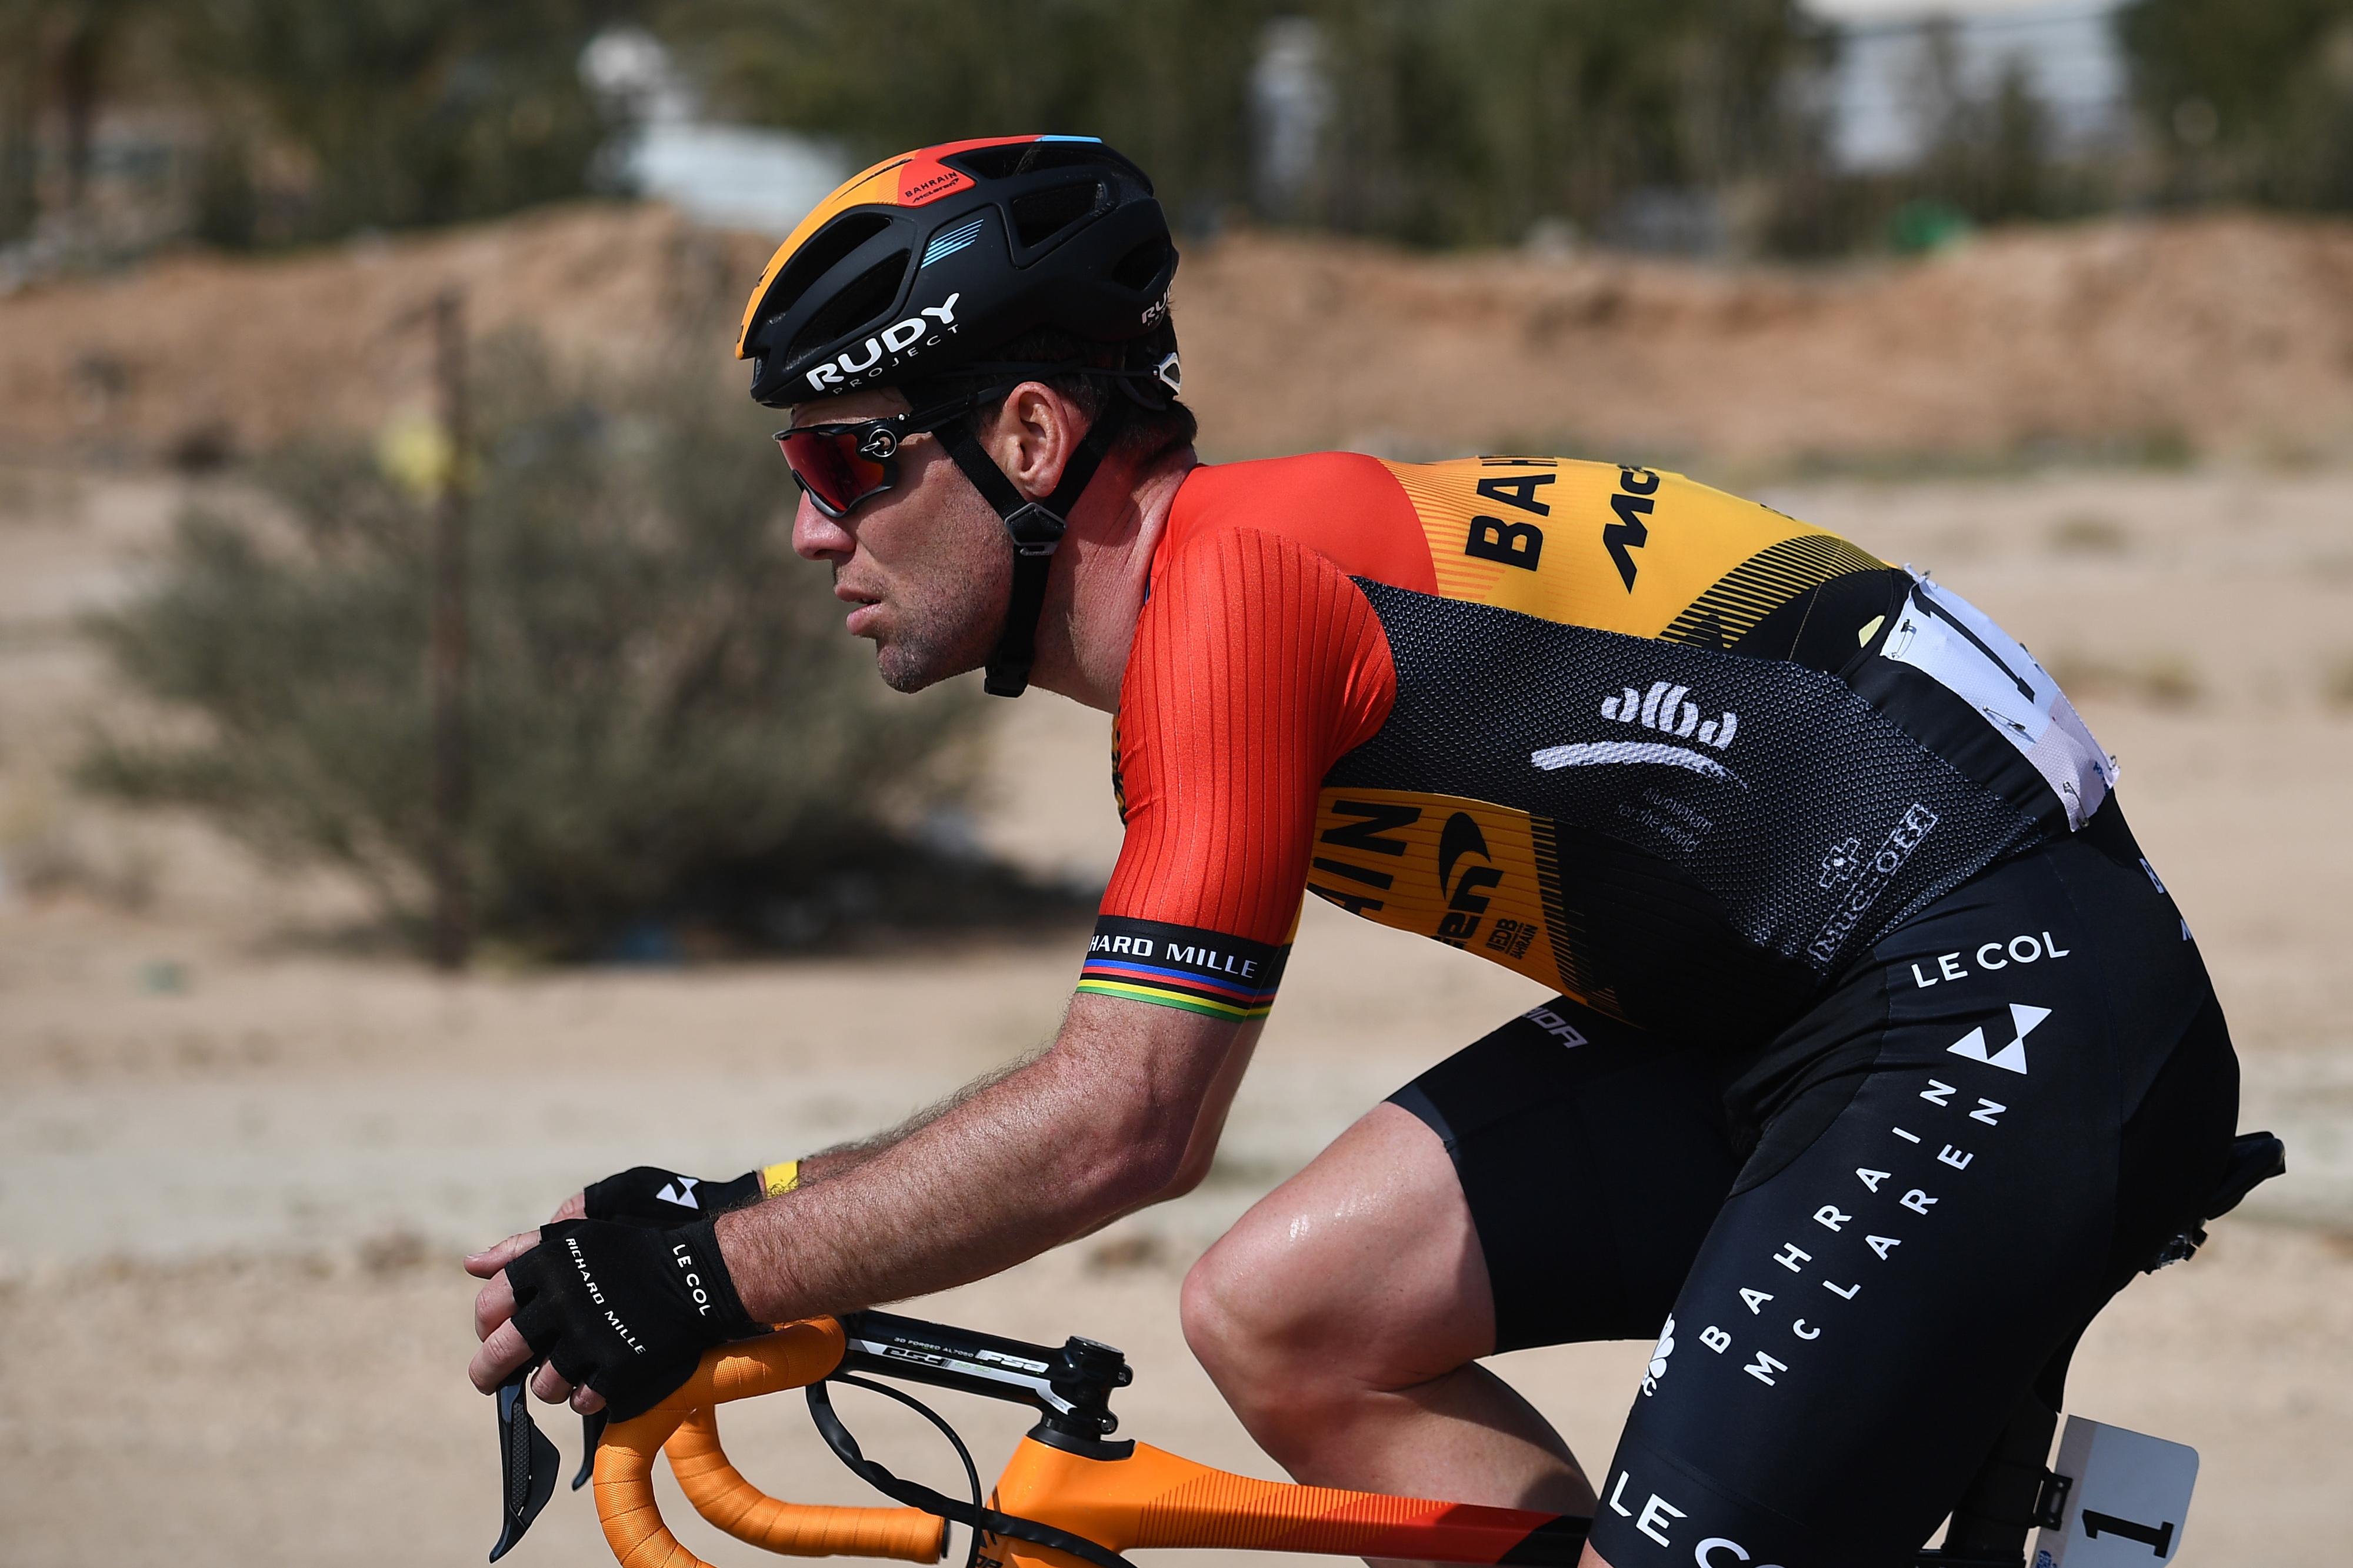 Ciclista Mark Cavendish revela que enfrentou uma depressão